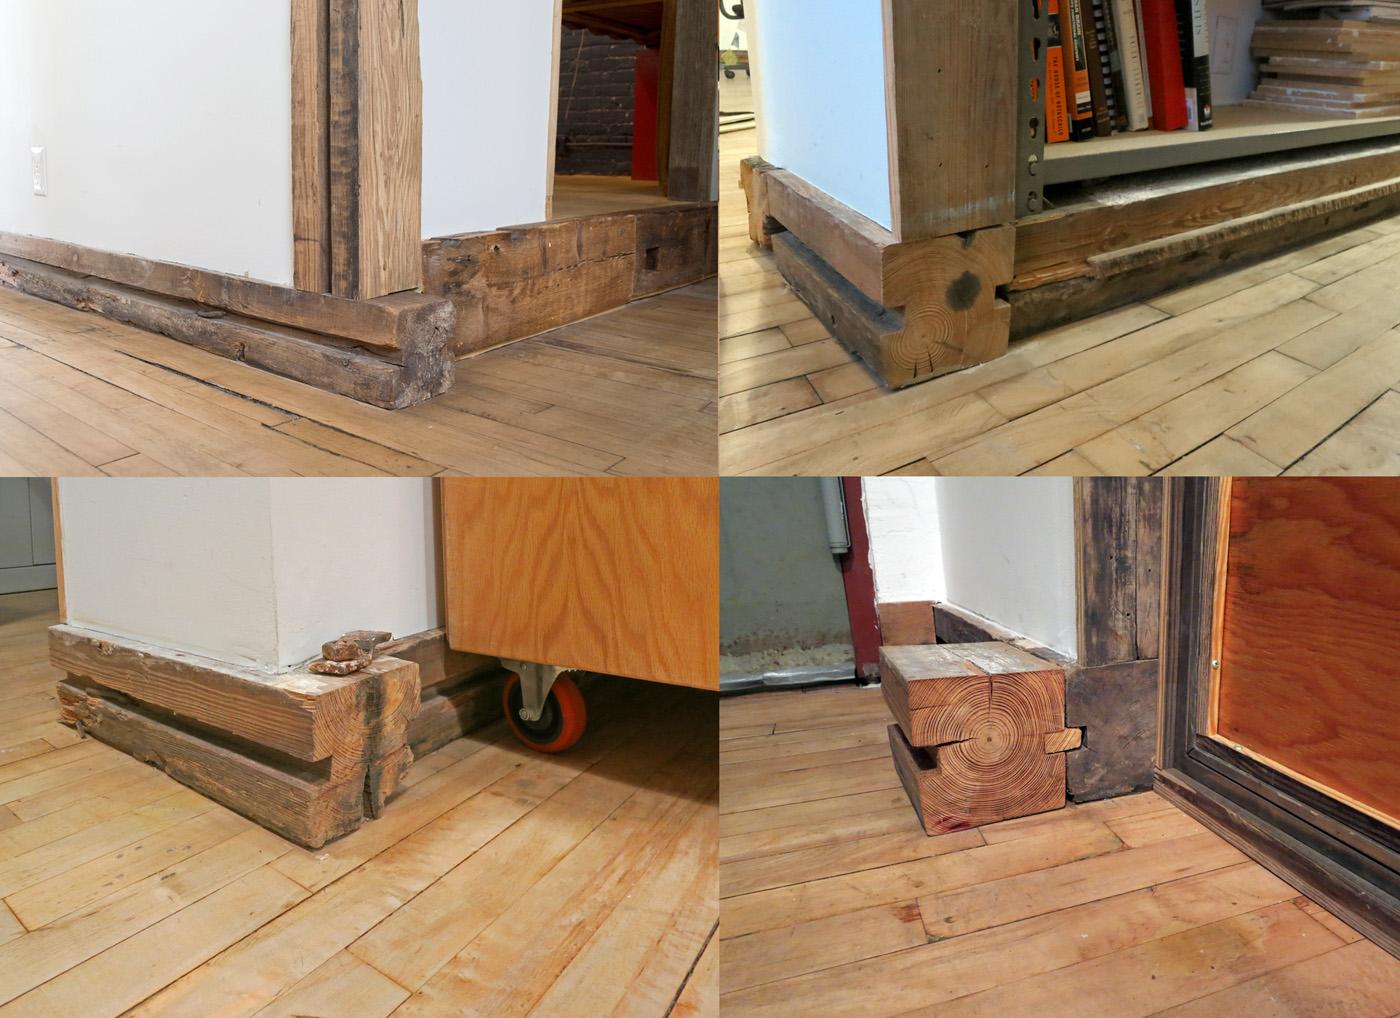 Rustic Industrial Loft Design